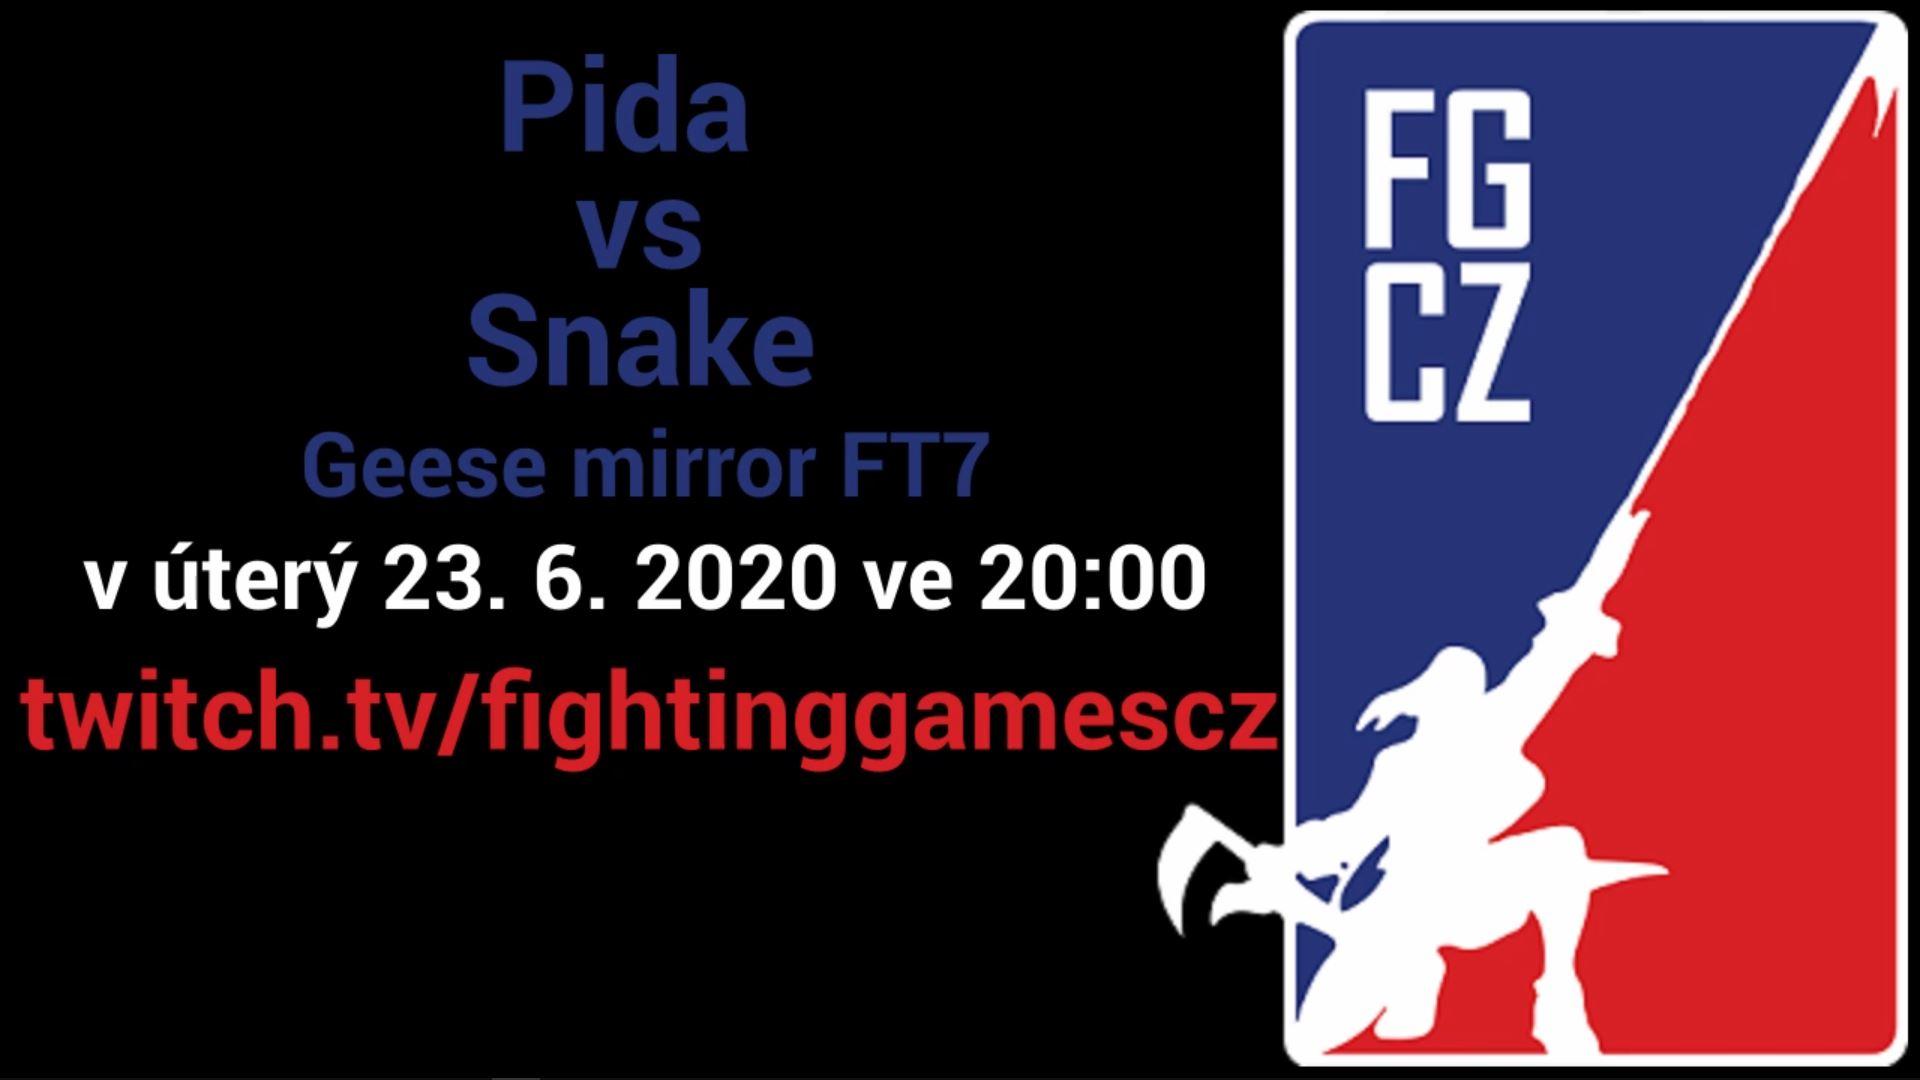 Poslední FGCZ Challenge bude Píďa vs Snake